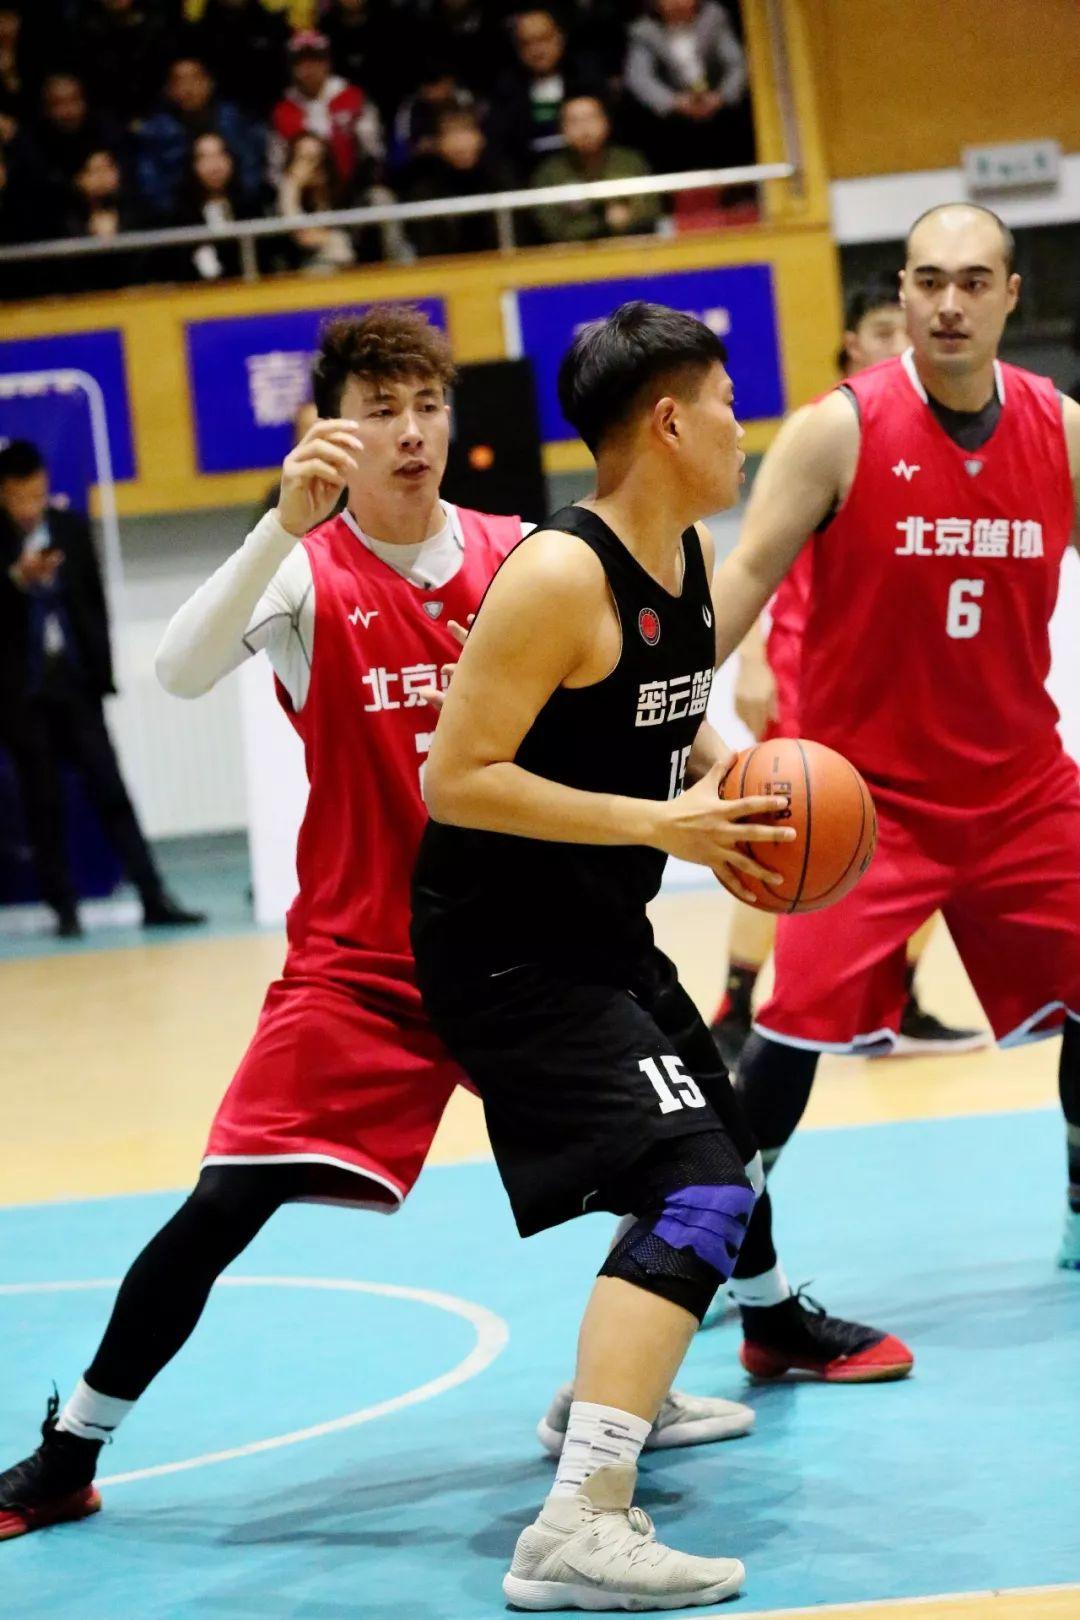 燕郊体育界篮球赛事新标高出现!